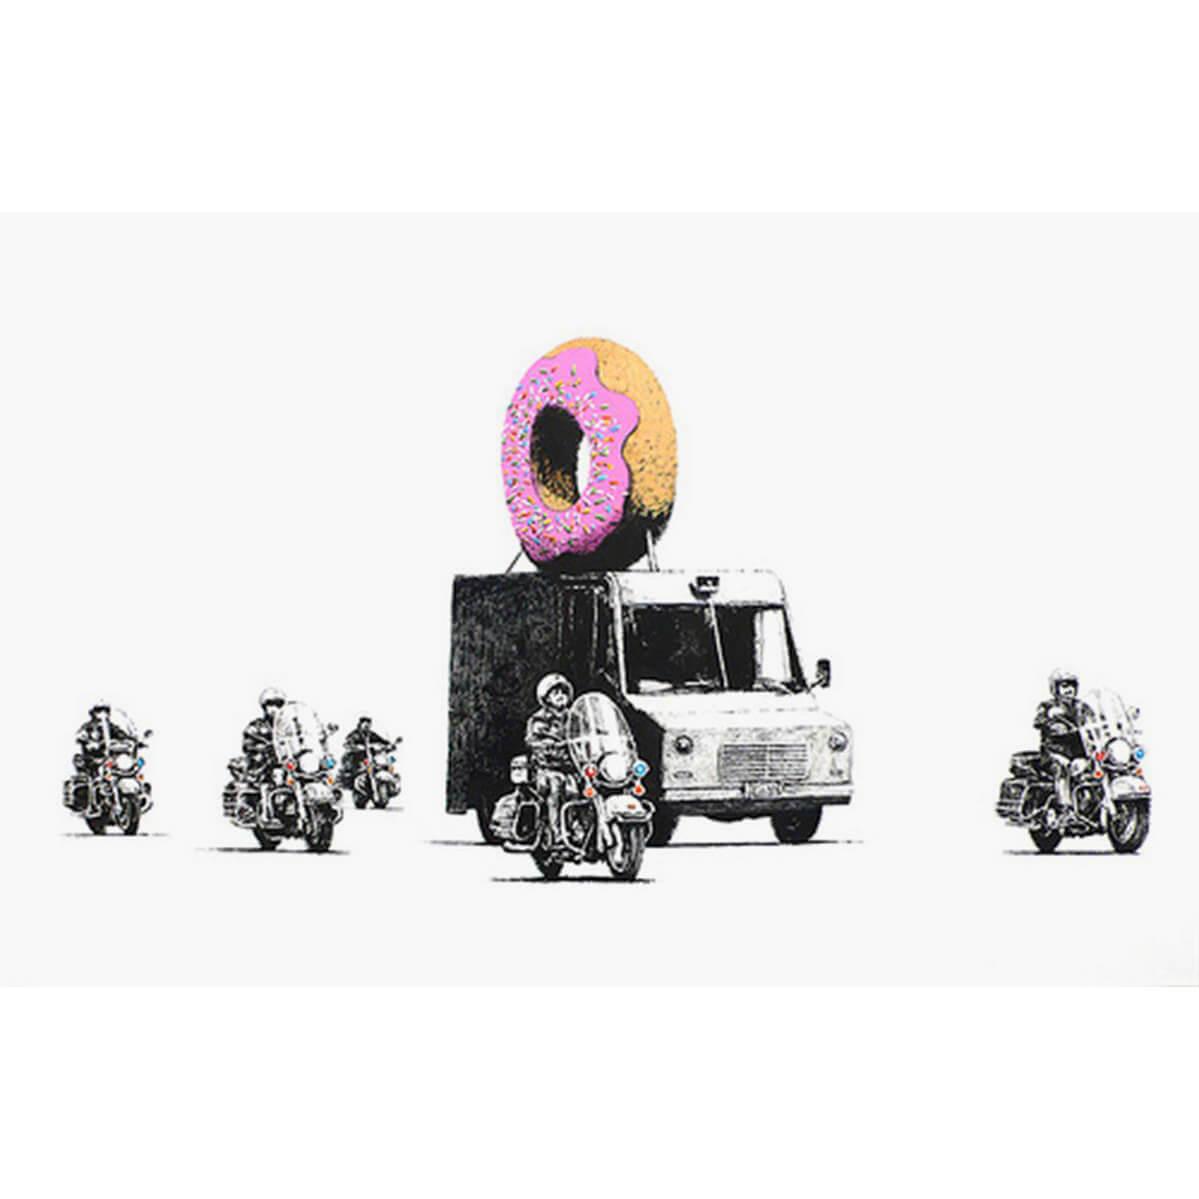 Da Warhol a Banksy: un viaggio che attraversa la storia dell'arte contemporanea - Franciacorta Outlet Village